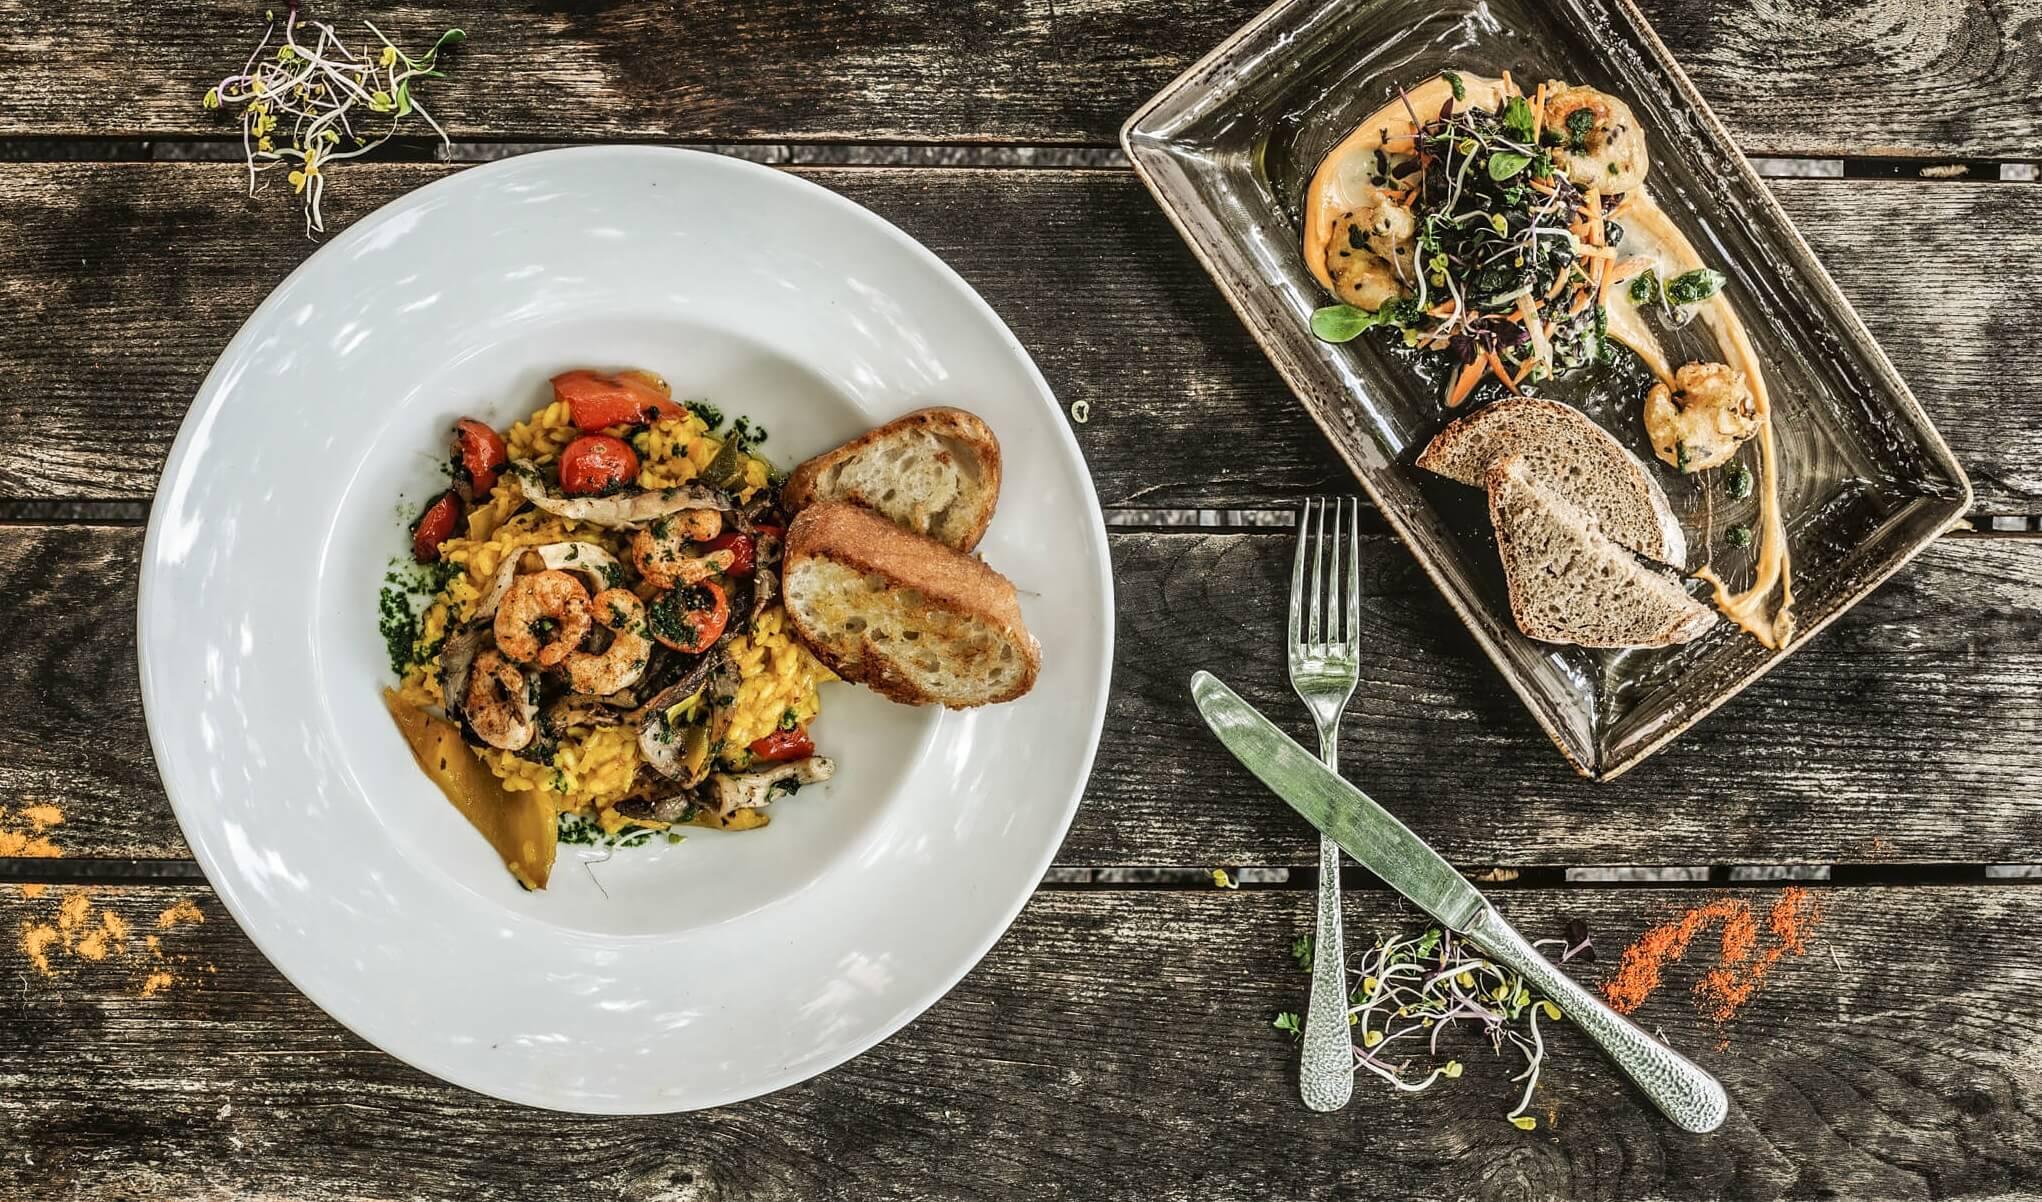 Beyond Fish / Veganer Fisch von Happy Oceans Food